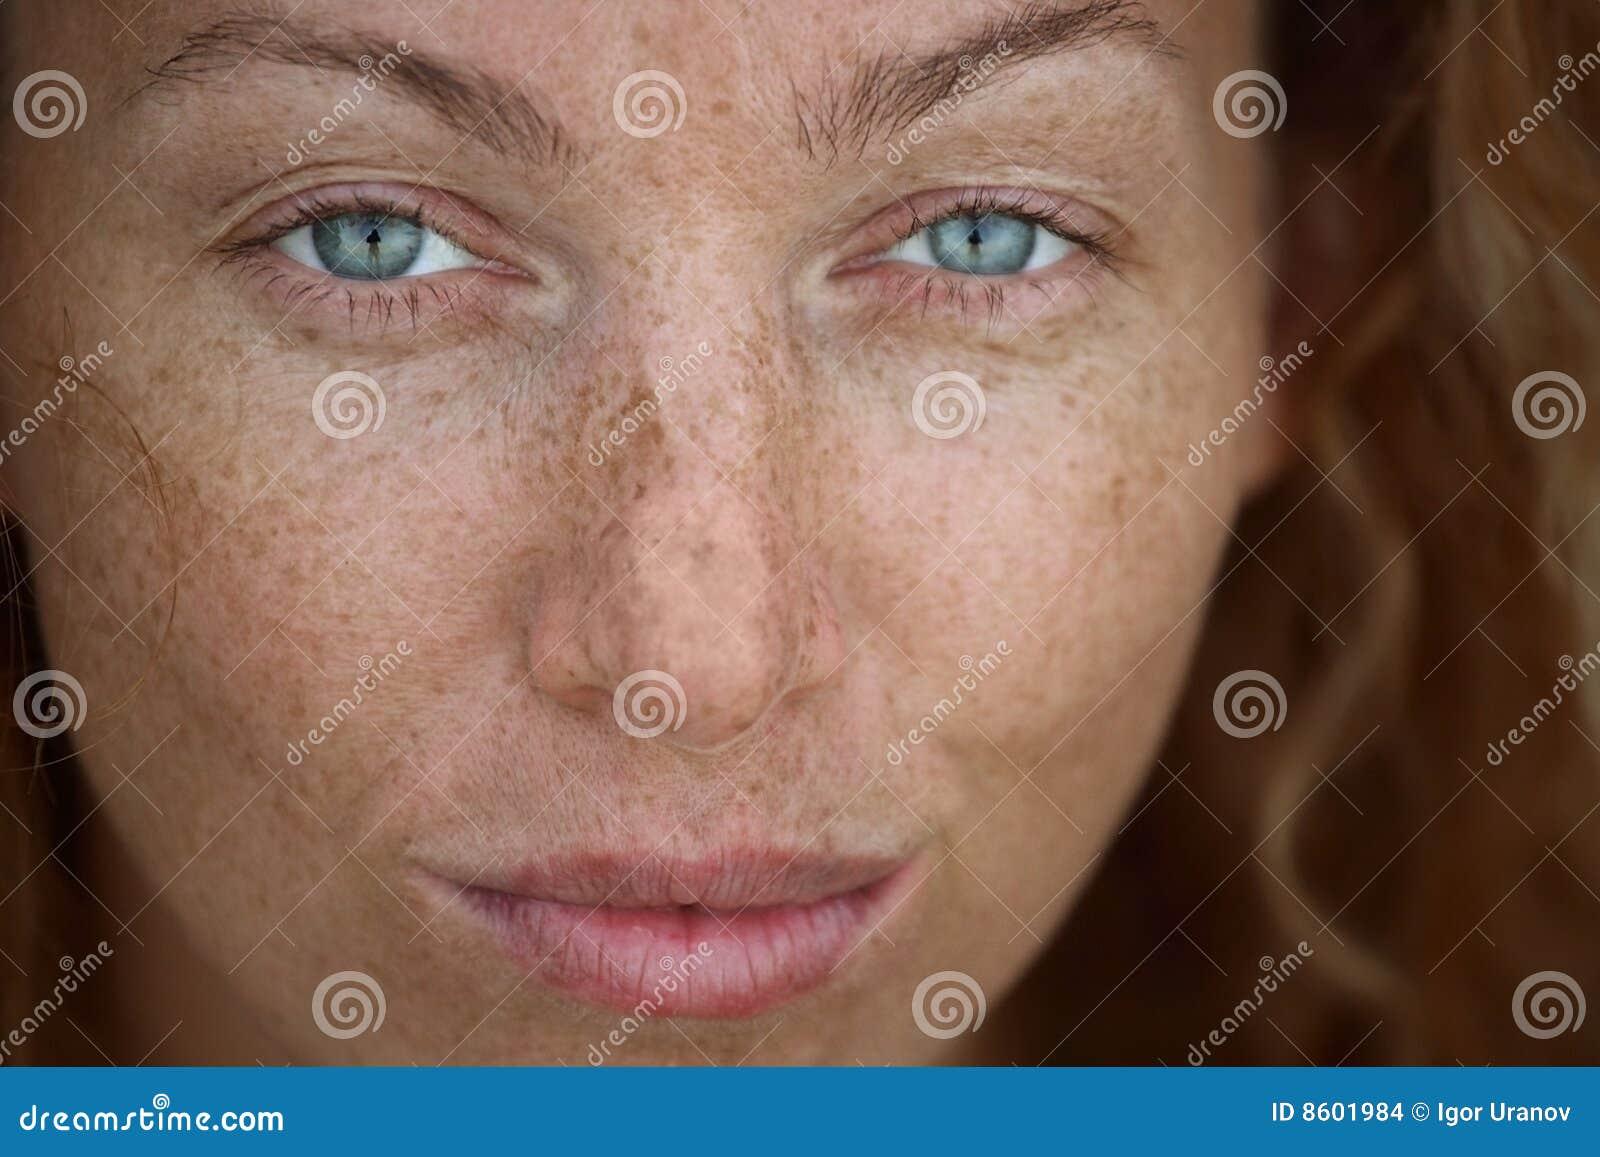 Pourquoi on viole la pigmentation de la peau